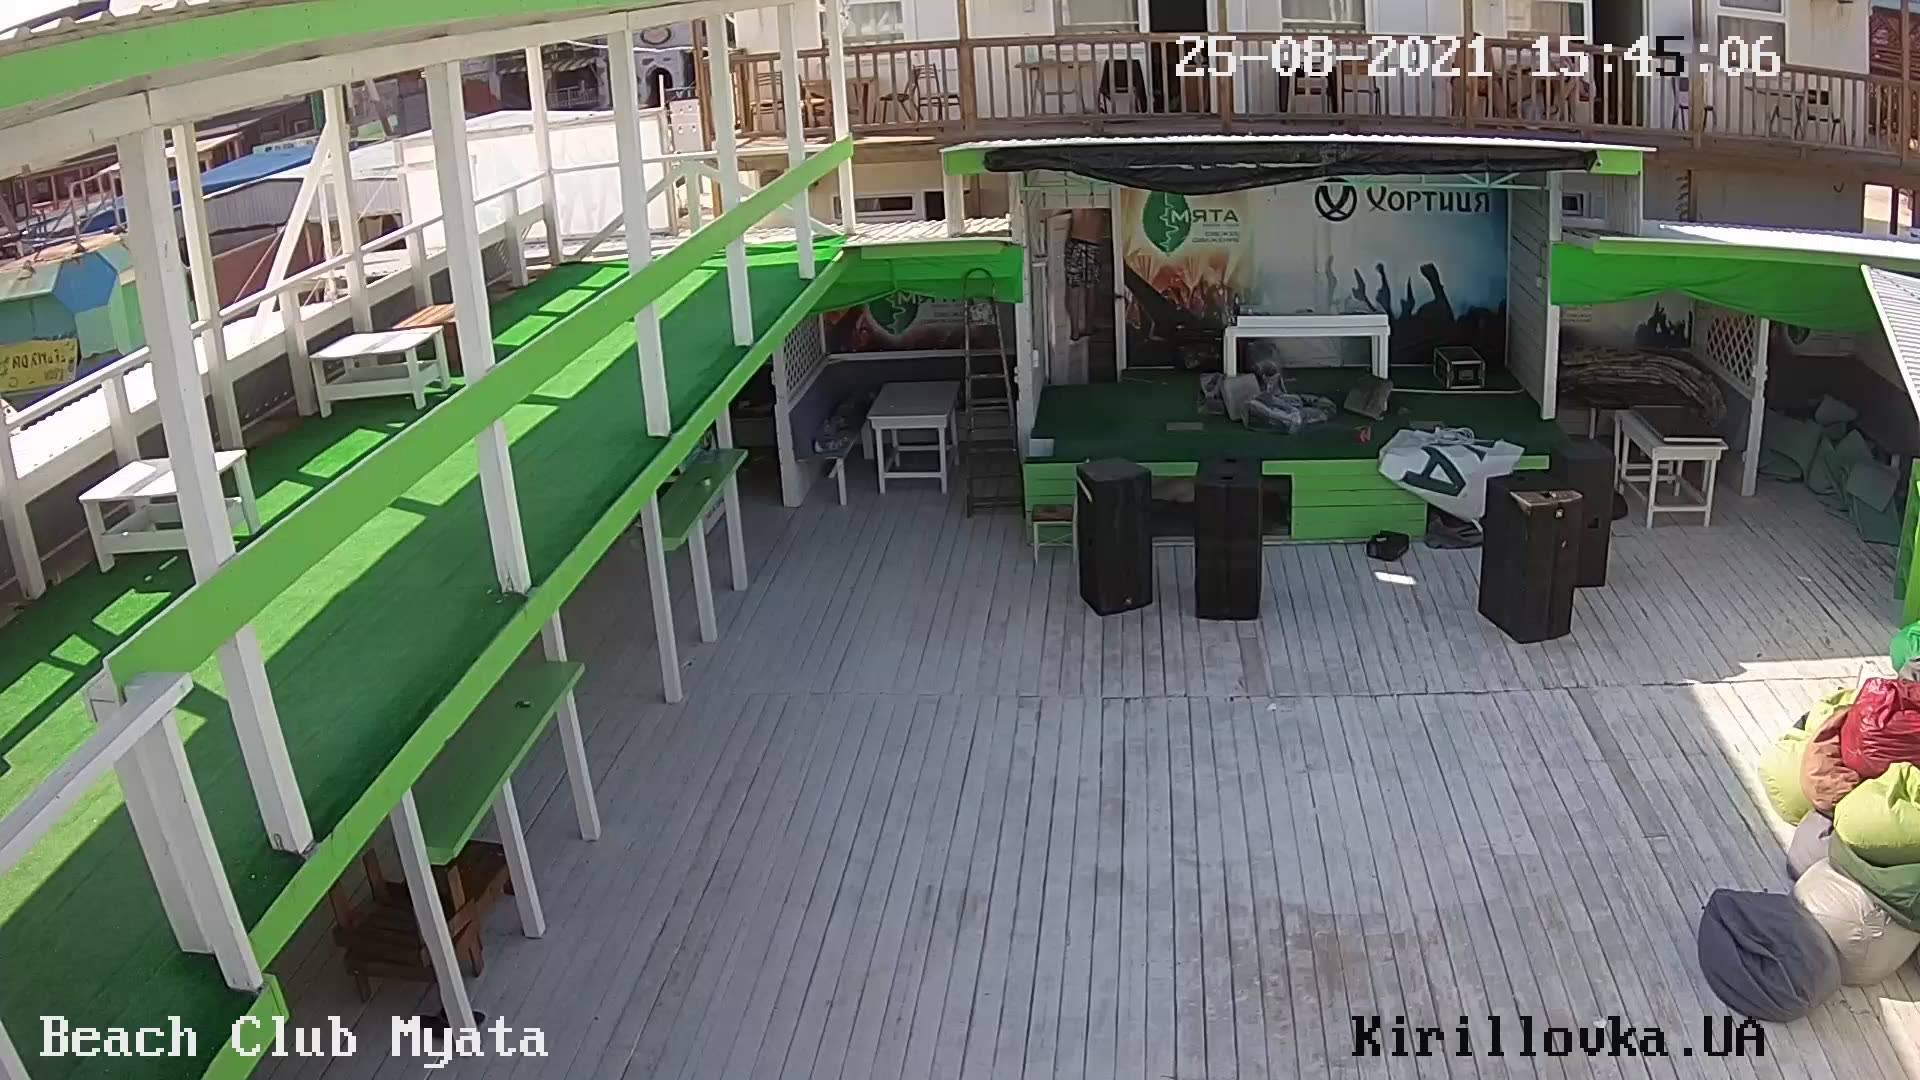 веб камера Мята Кирилловка